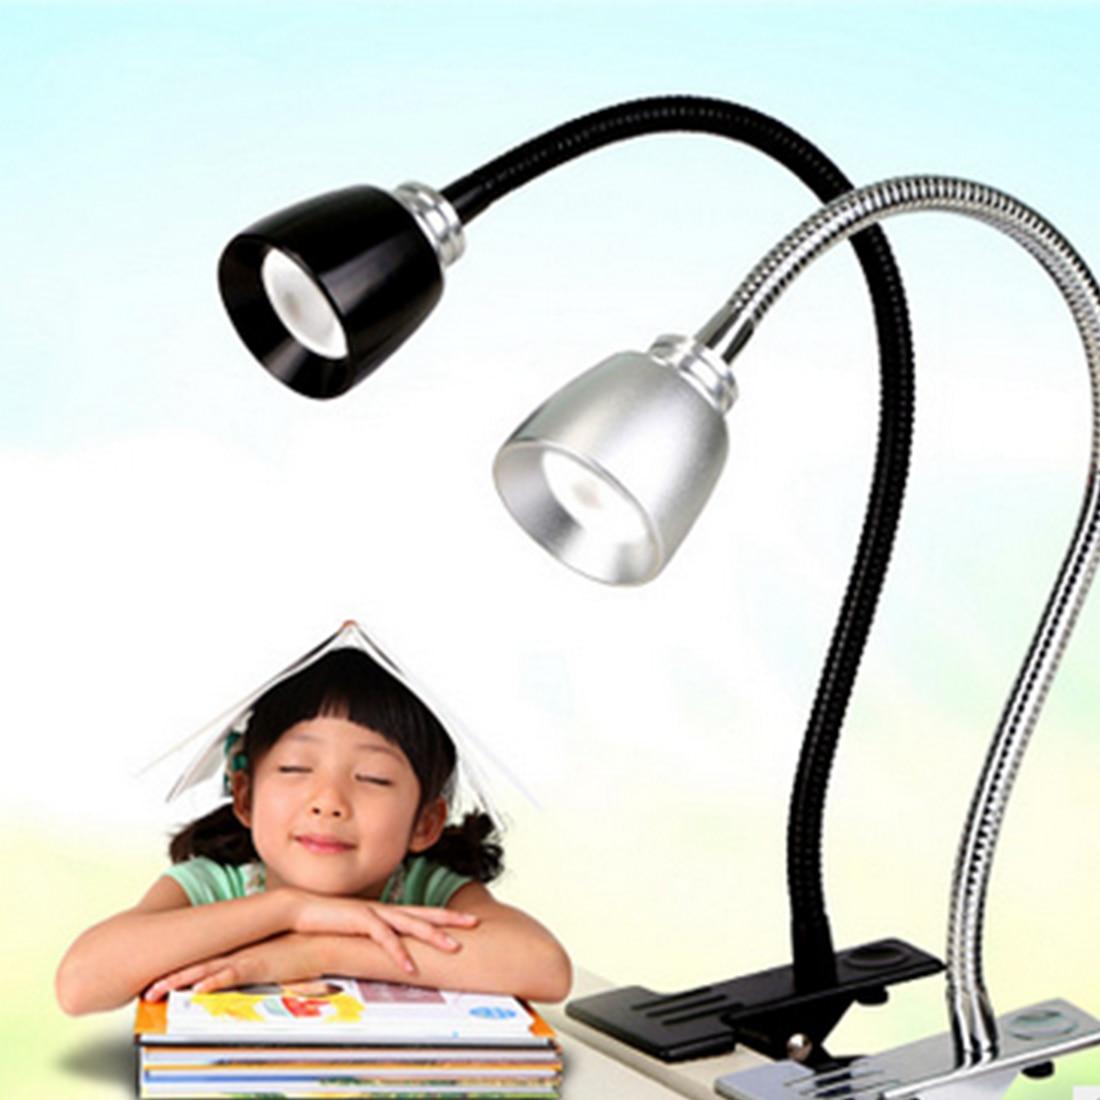 Горячая usb-вентилятор гибкий светодиодный свет настольная лампа с зажимом для портативных ПК компьютер Черный гаджеты низкая Мощность потр...